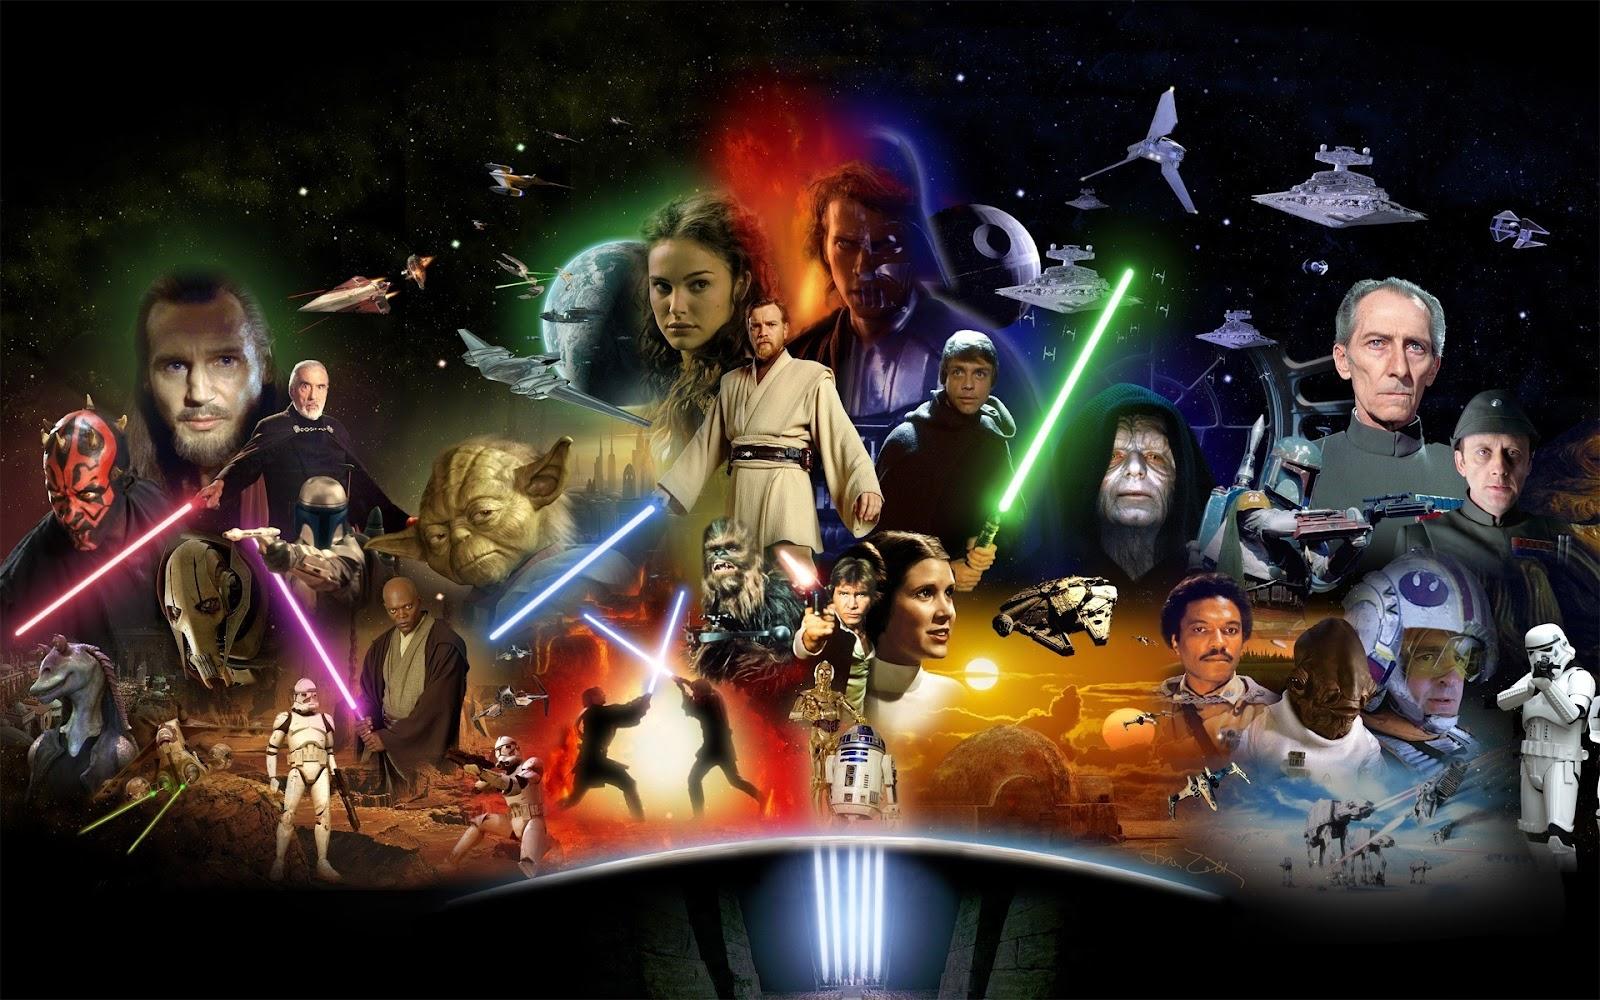 Las 5 Frases Más Memorables De Star Wars Los Lunes